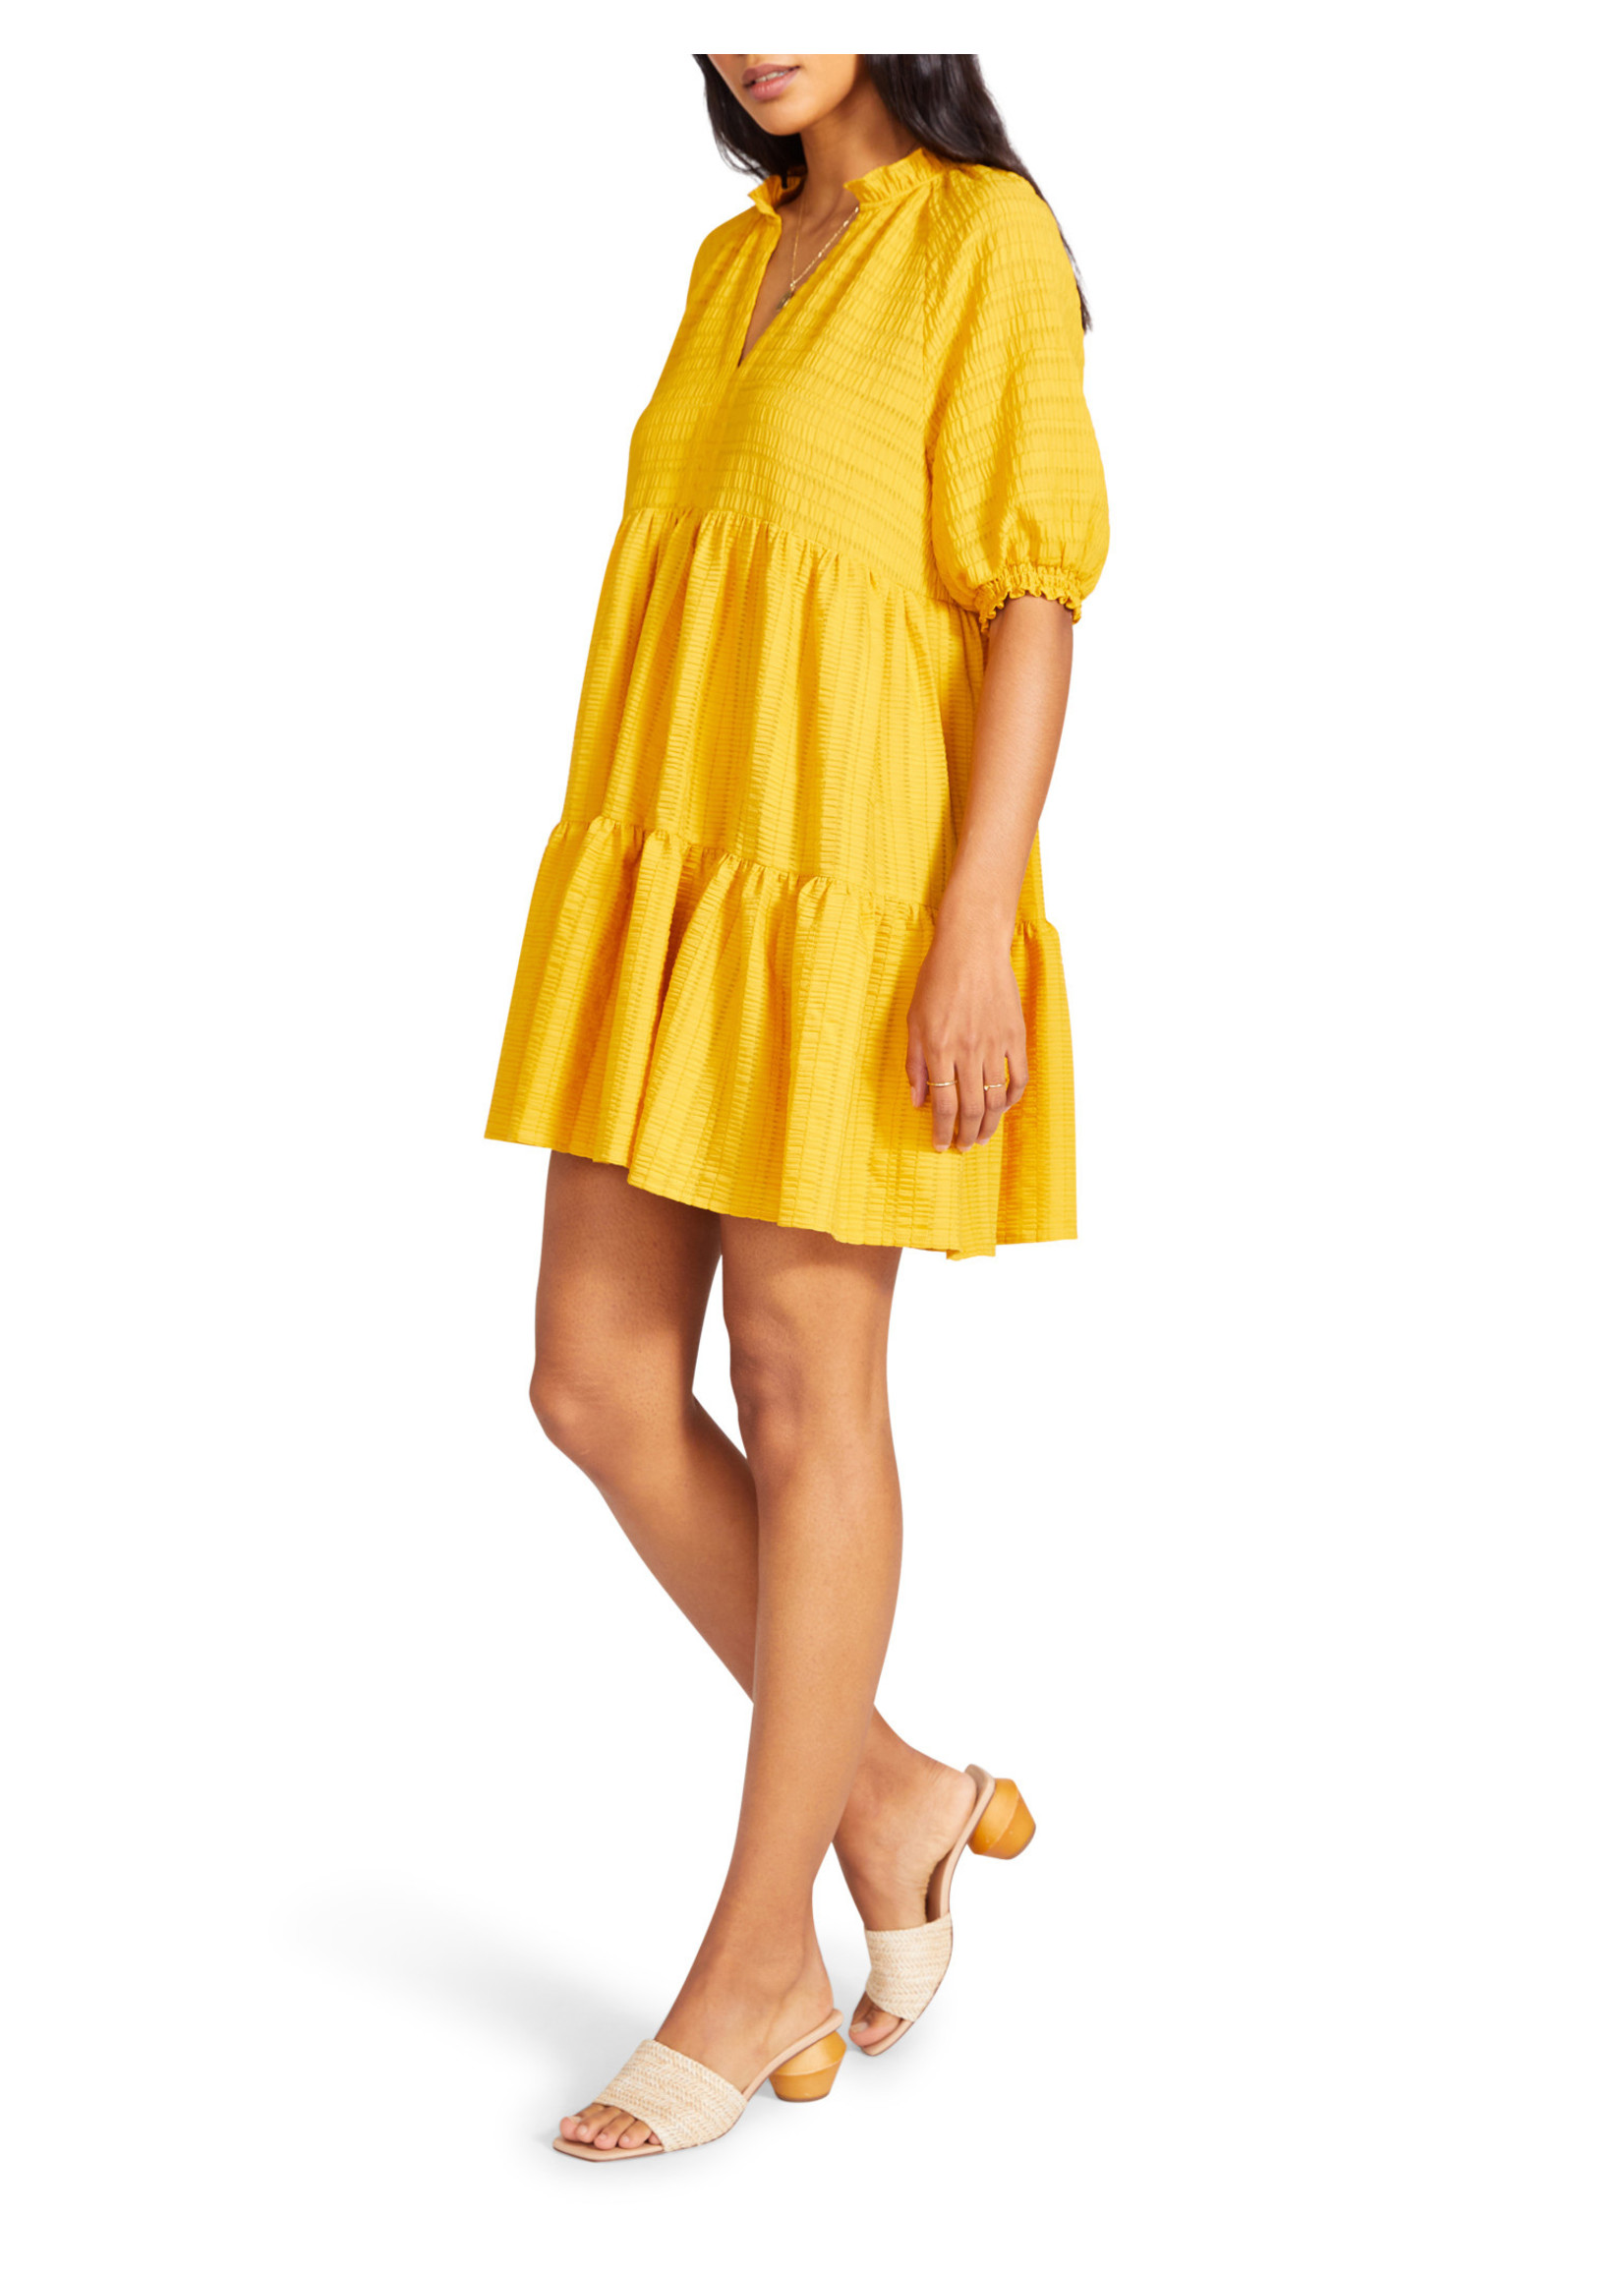 BB Dakota Iced Tea Dress - BL208129